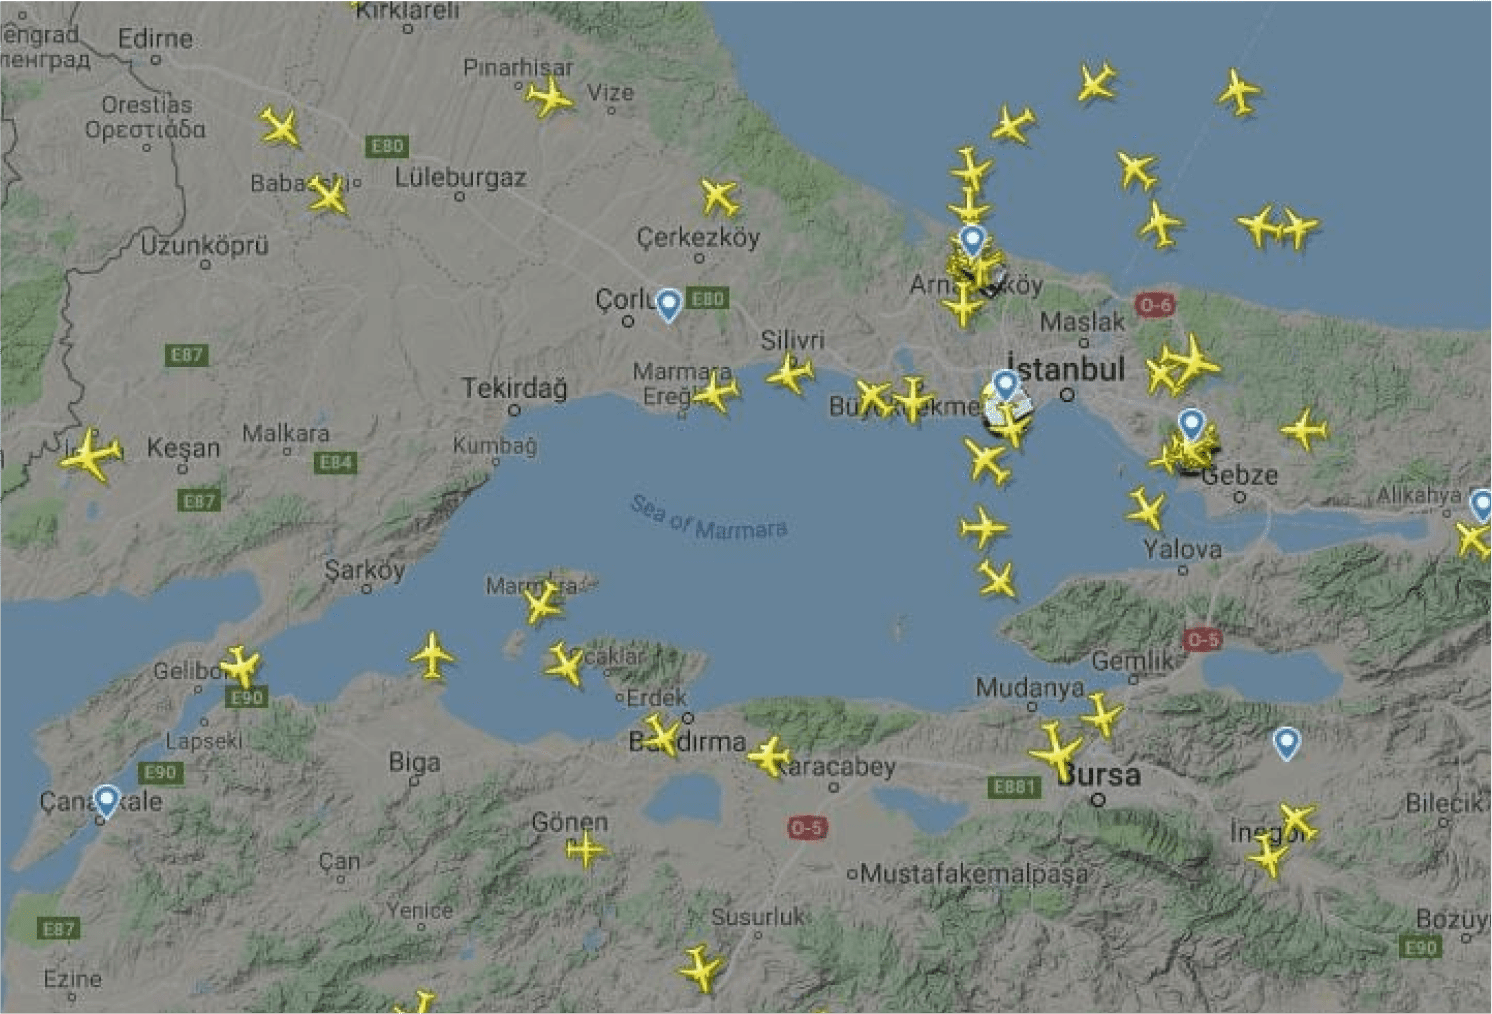 Sledování letů na online mapě na stránce Flightradar24